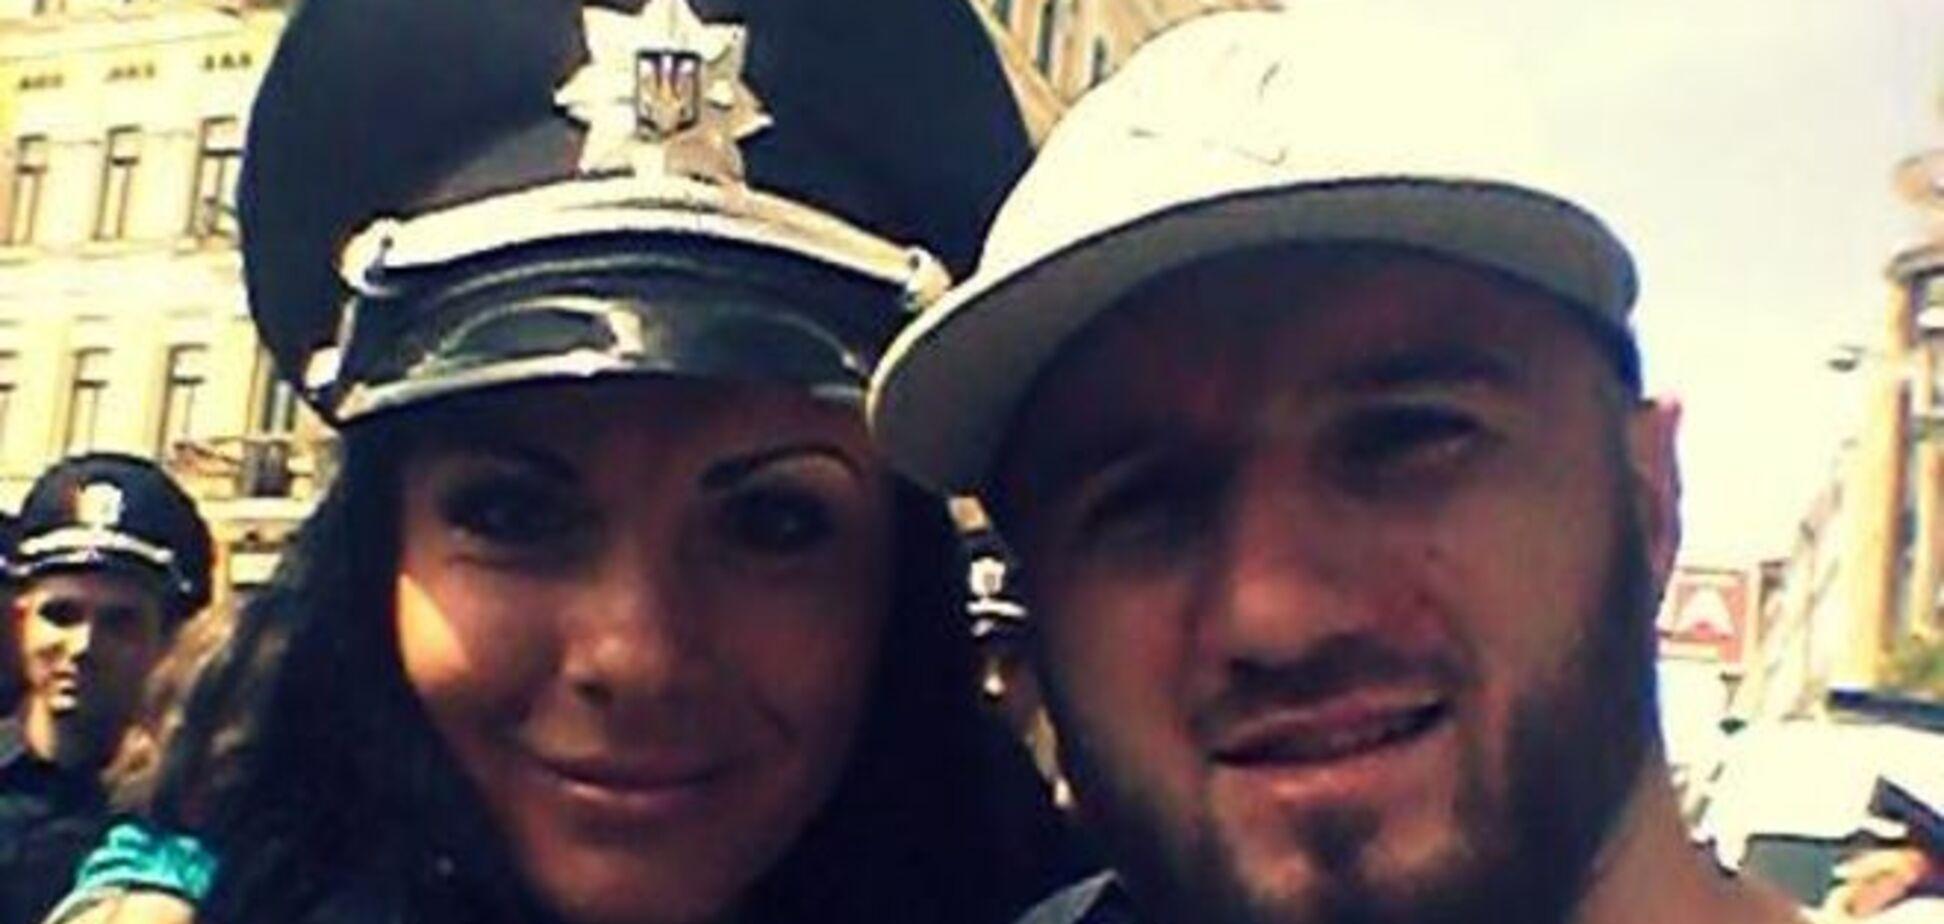 #Селфізкопом: в соцсетях организовали флешмоб в поддержку новой полиции Киева